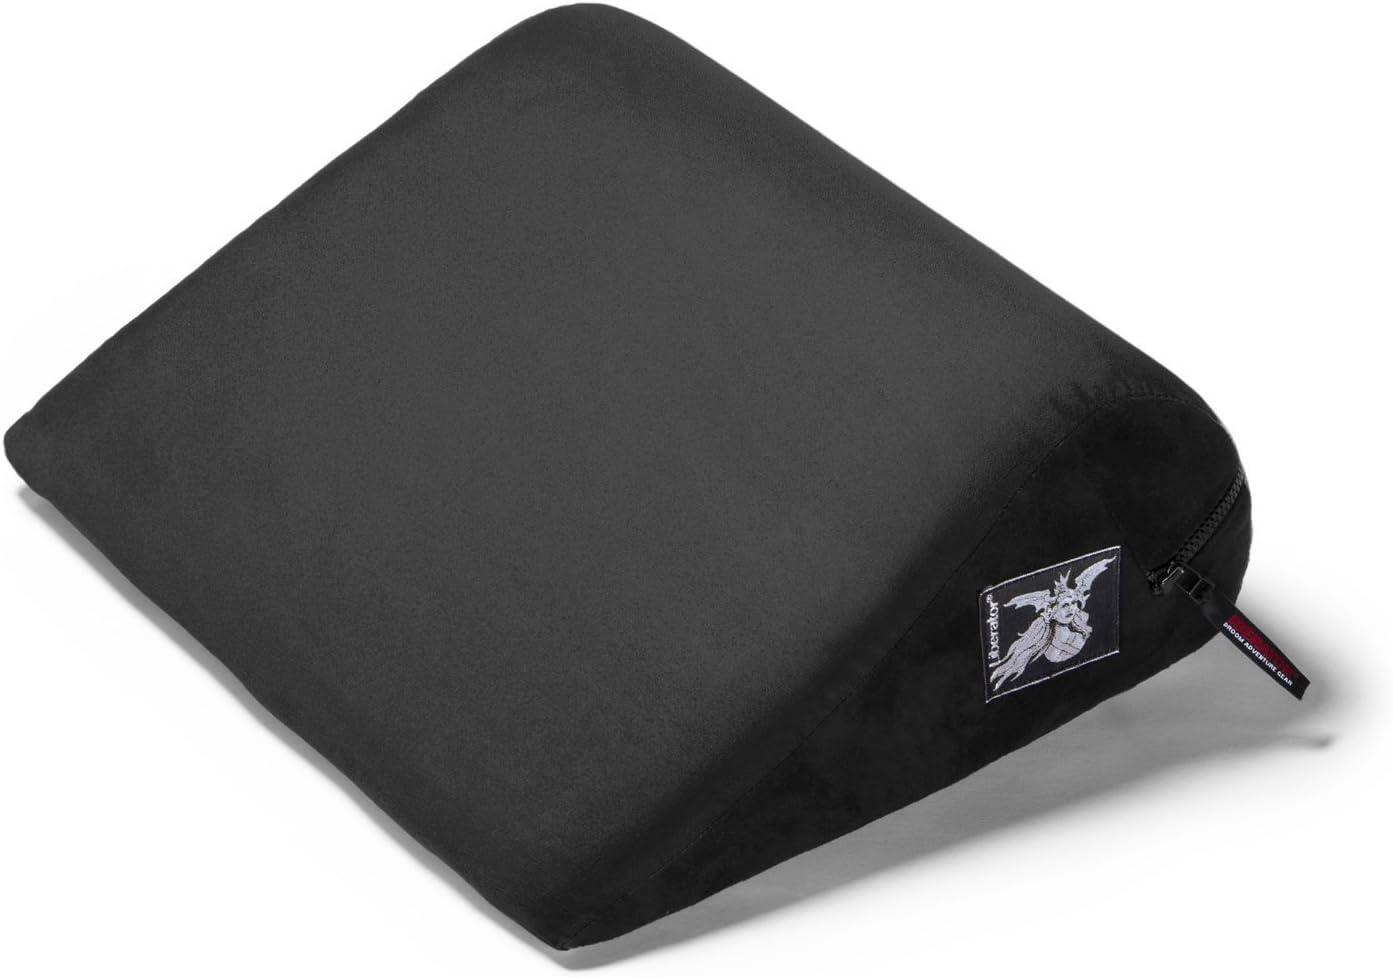 Liberator Jaz Original Wedge Pillow, Black